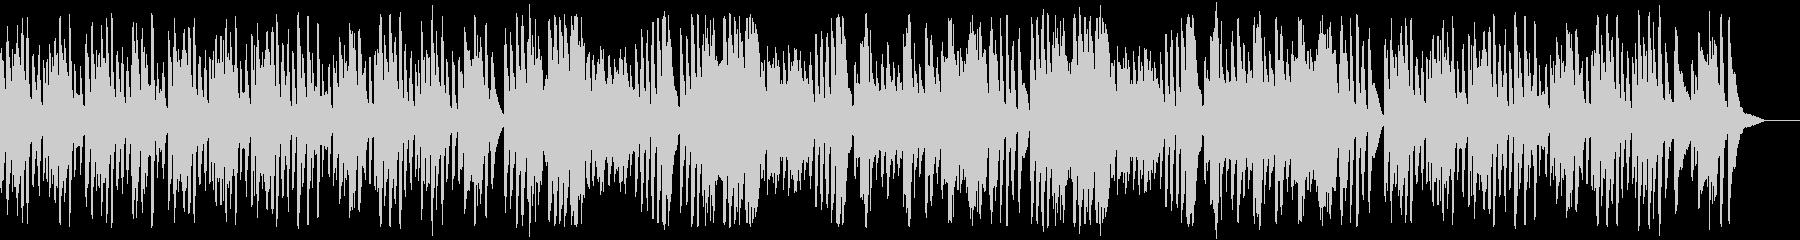 ガヴォット/ゴセック【ピアノソロ】の未再生の波形